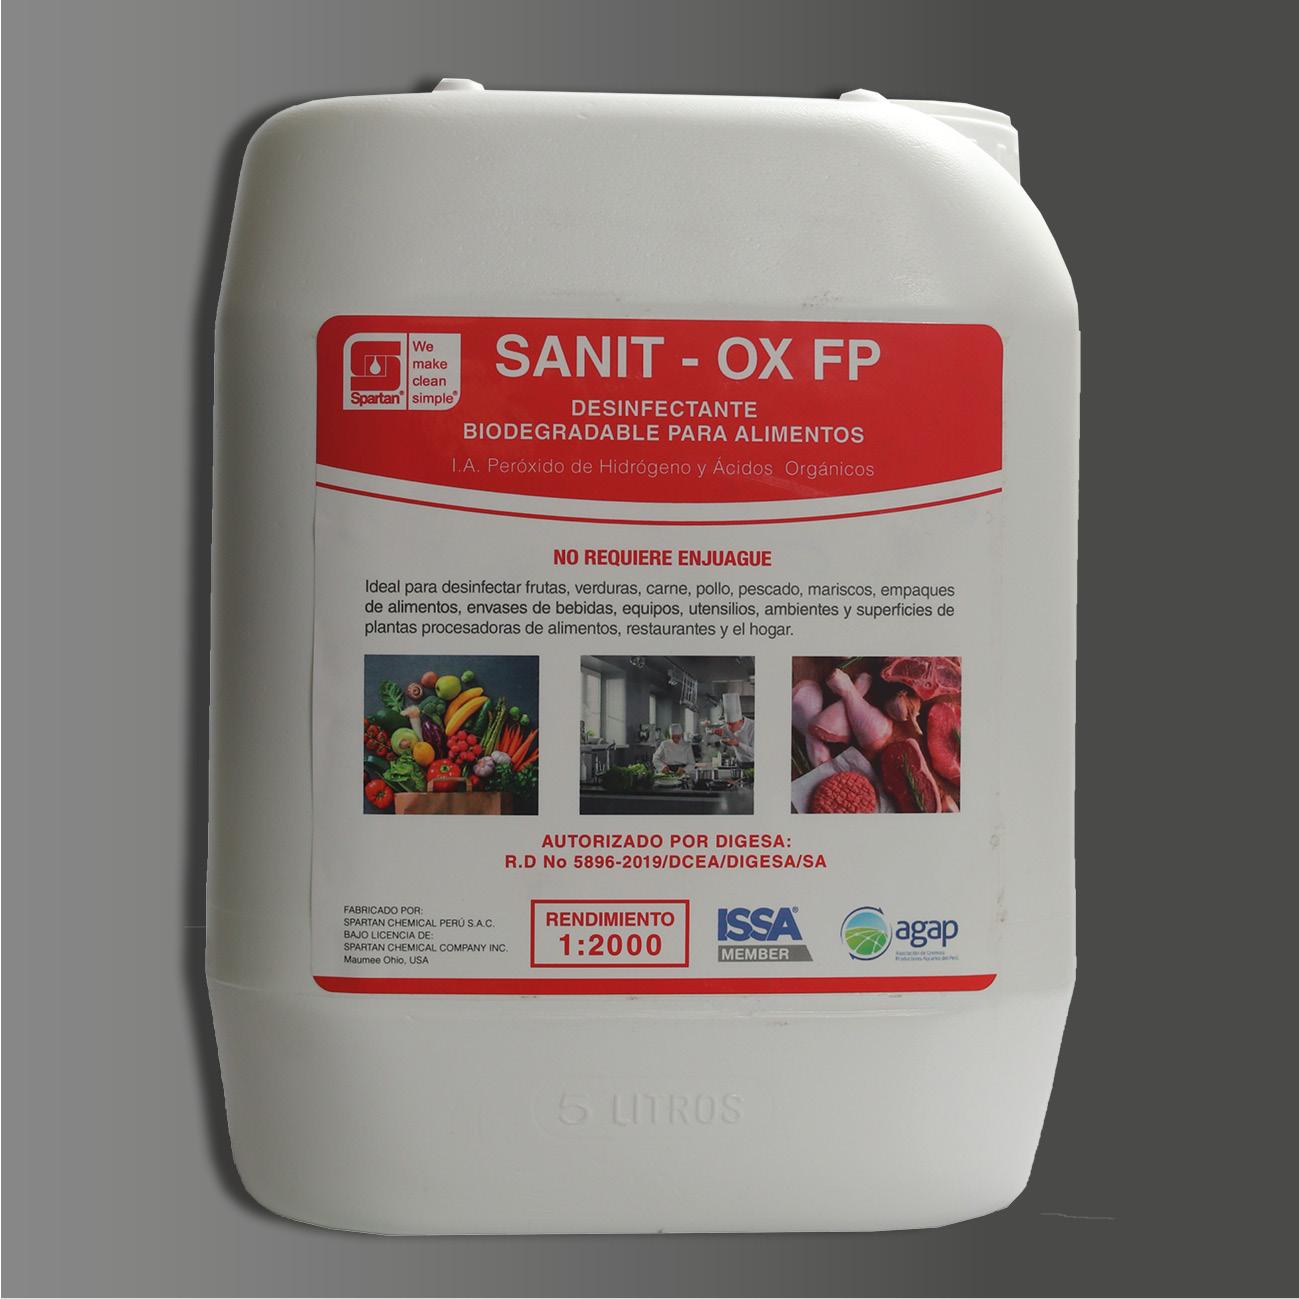 SANIT-OX  FP – Desinfectante Biodegradable a base de Peróxido de Hidrógeno